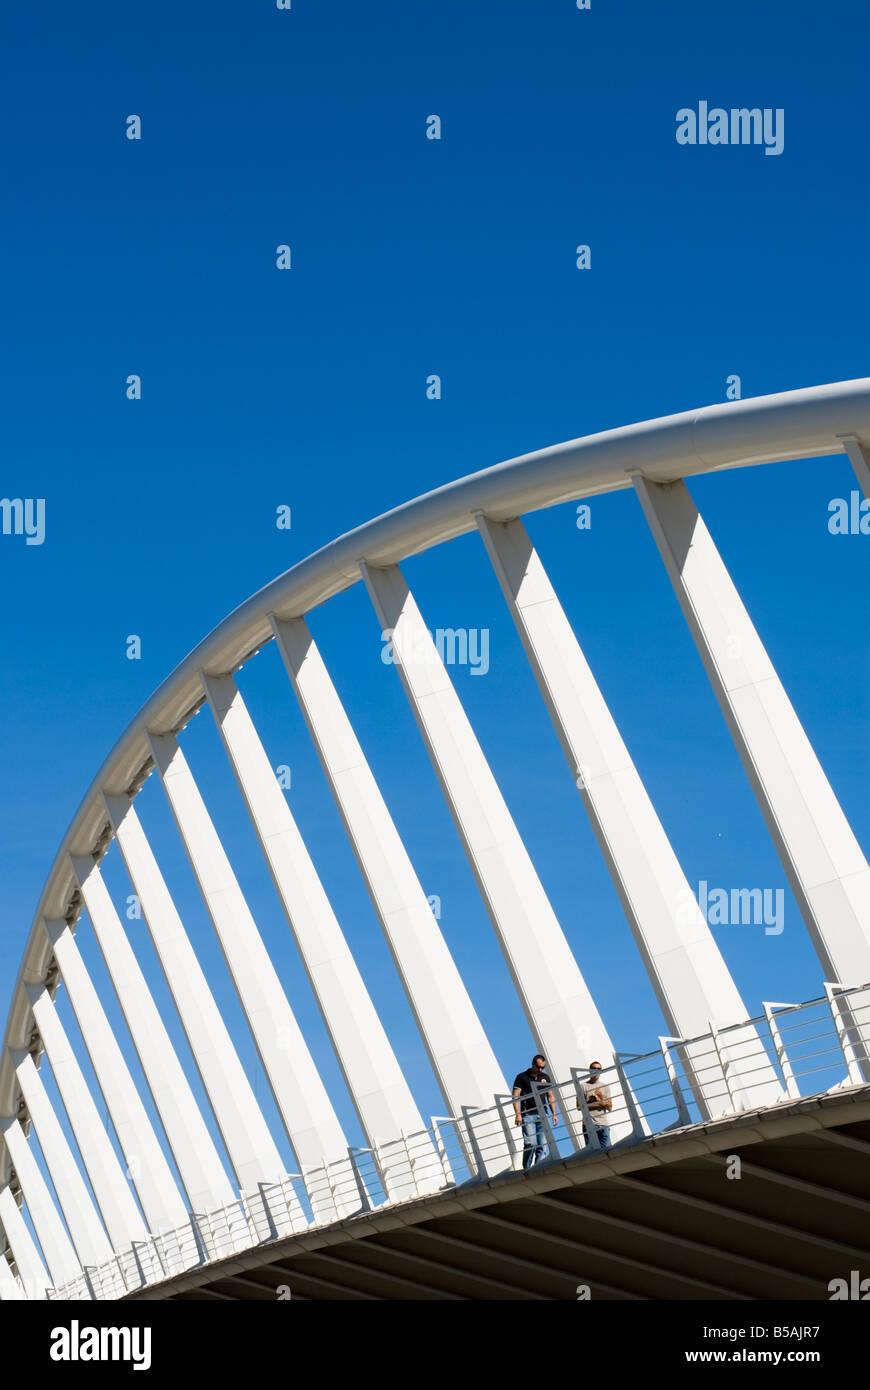 Puente de la Exposicion diseñado por el famoso arquitecto valenciano Santiago Calatrava. Valencia España Imagen De Stock